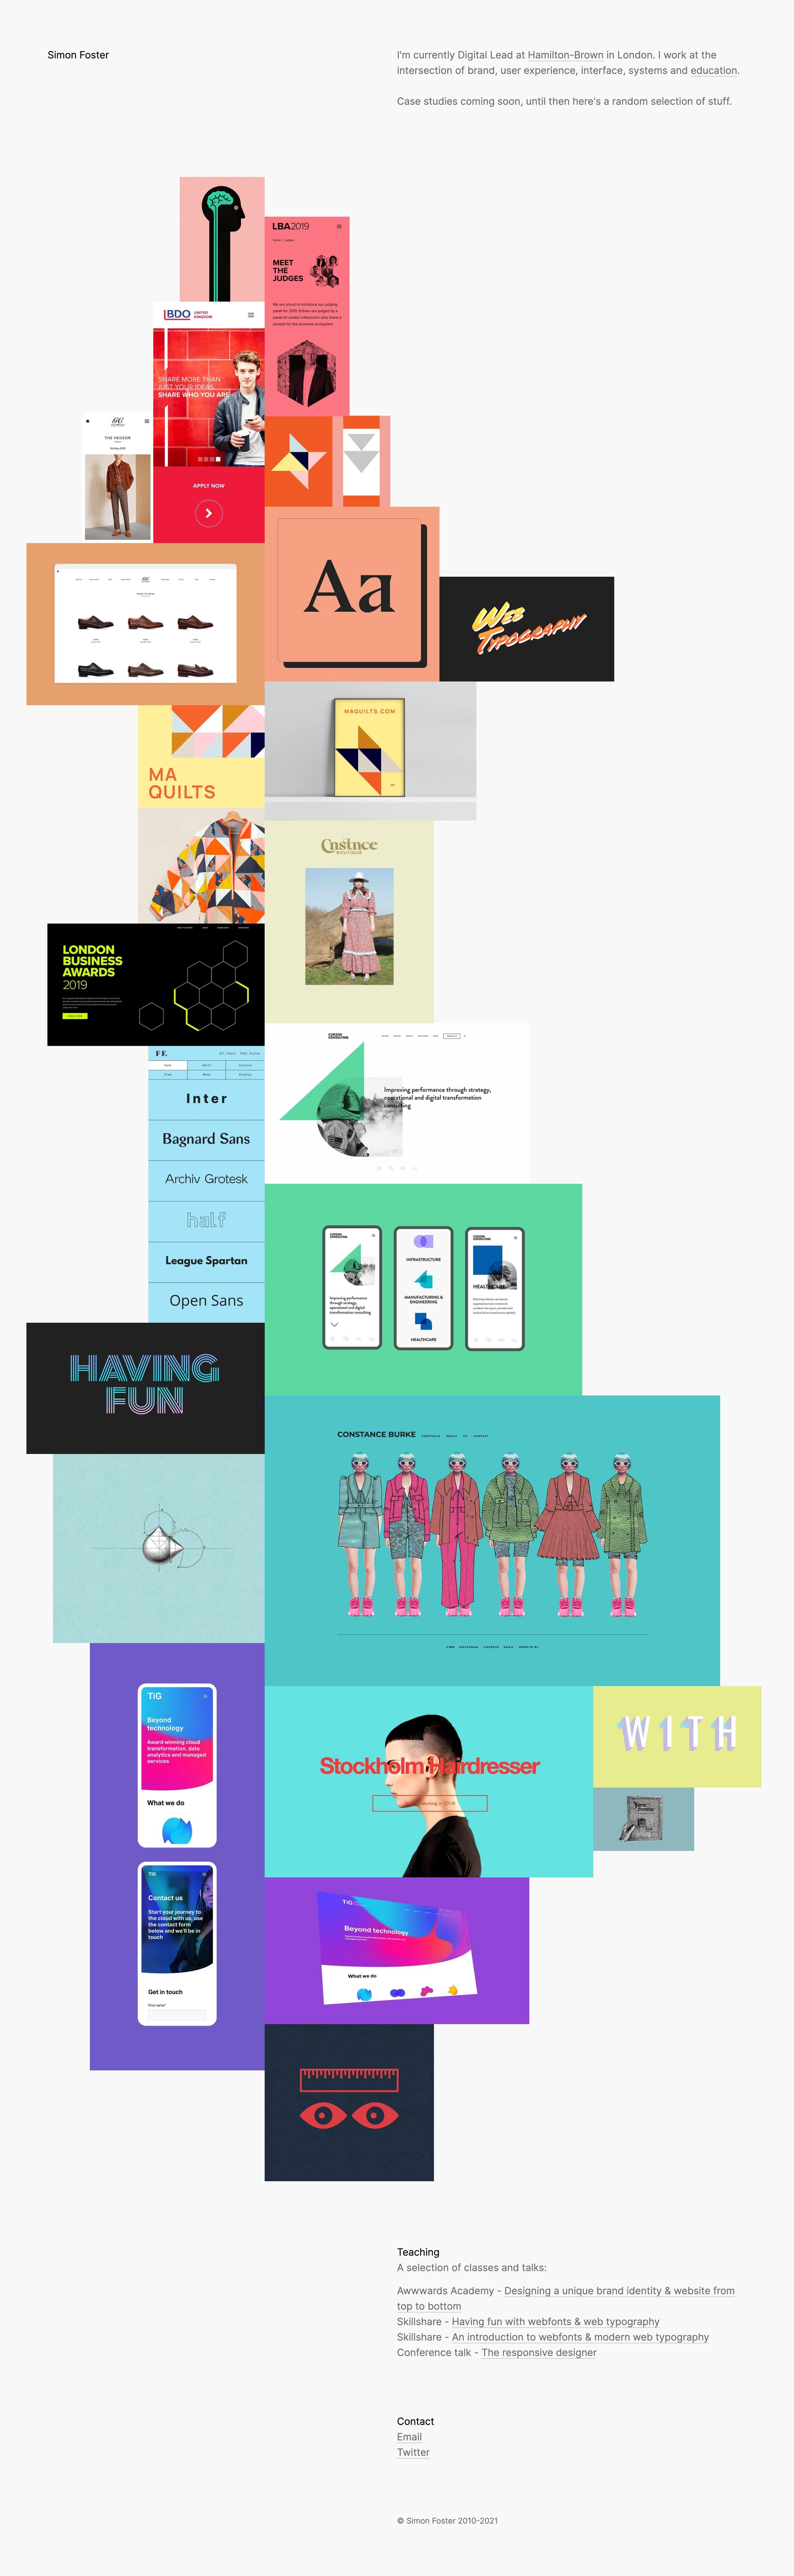 Simon Foster Website Screenshot